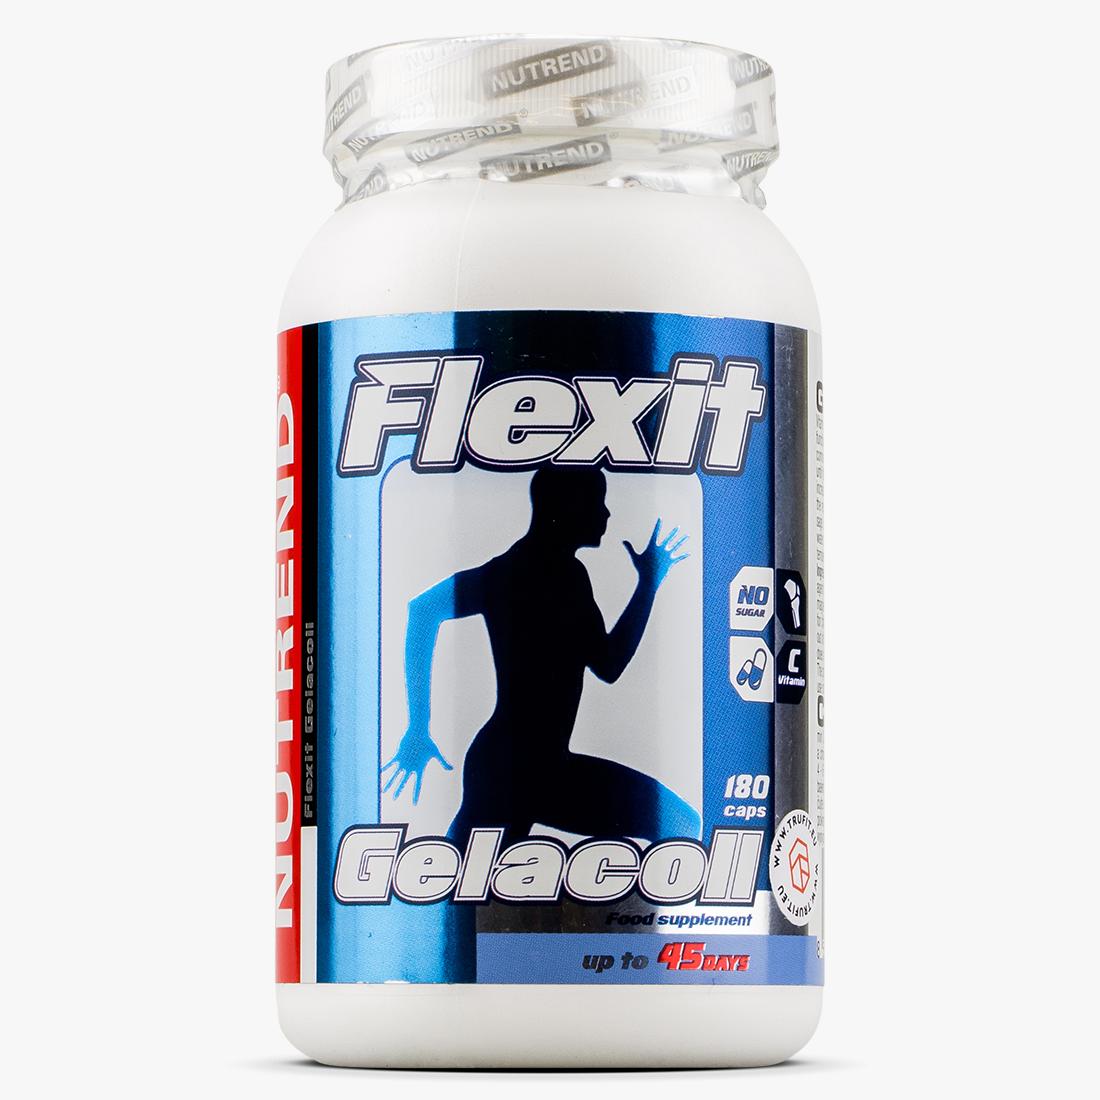 Nutrend - Flexit Gelacoll